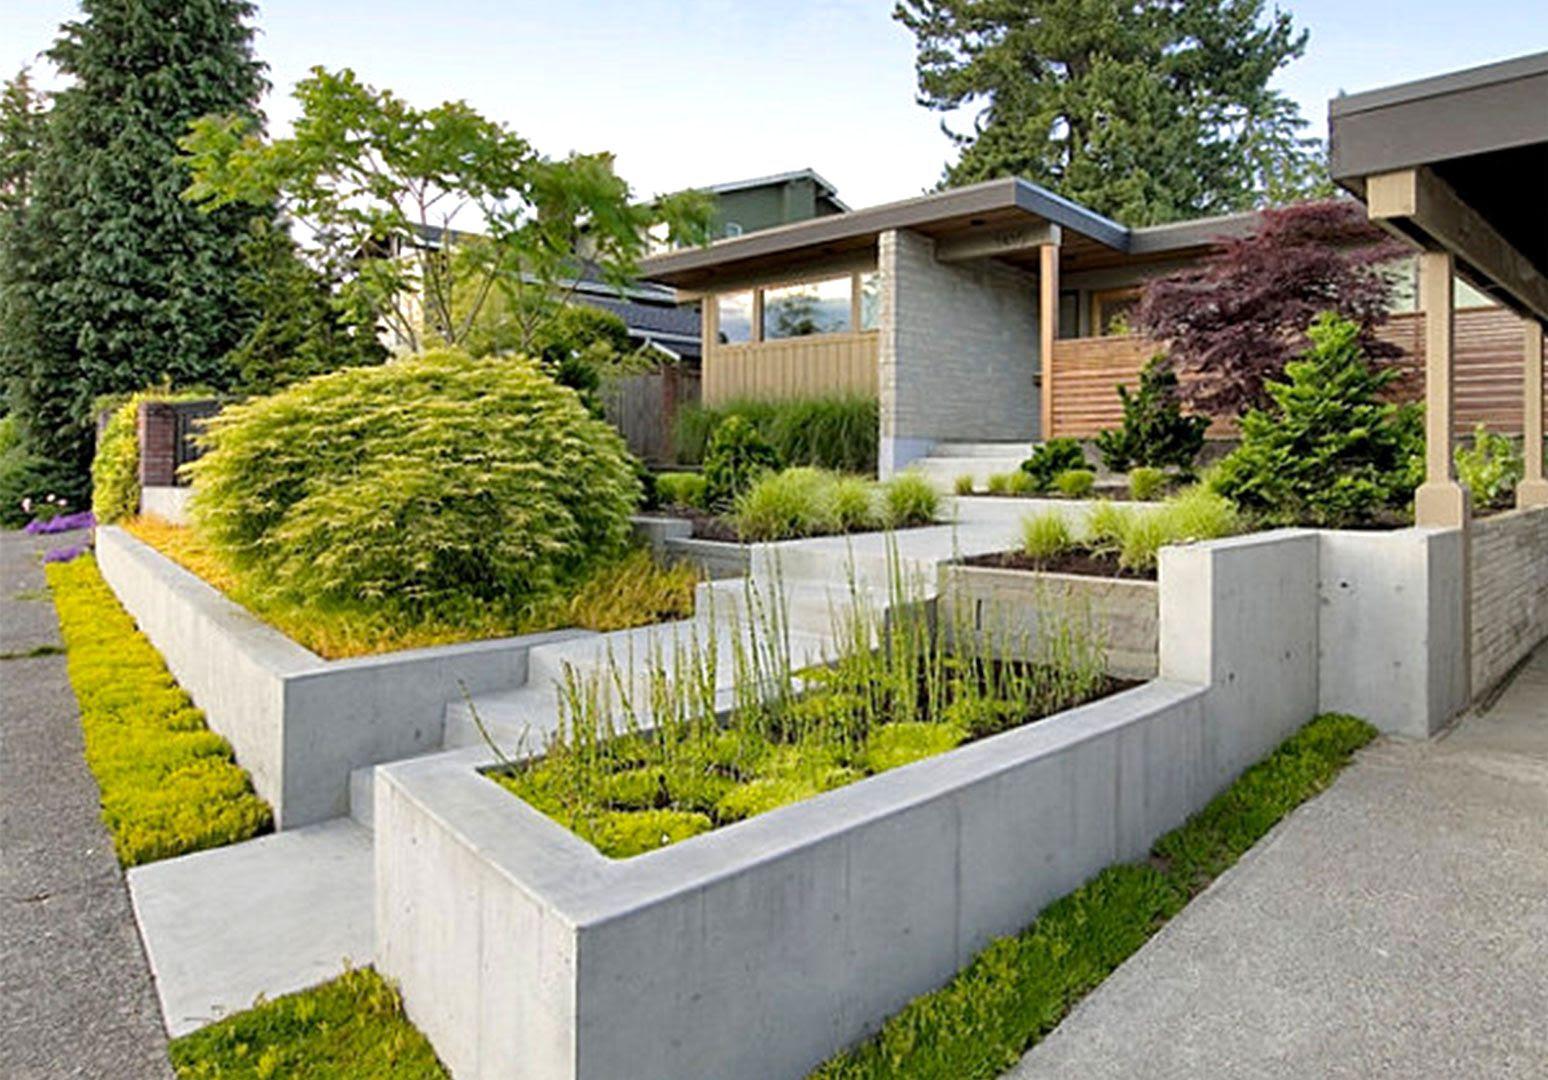 Modern Minimalist Front Garden Designs Prettyretty Garden